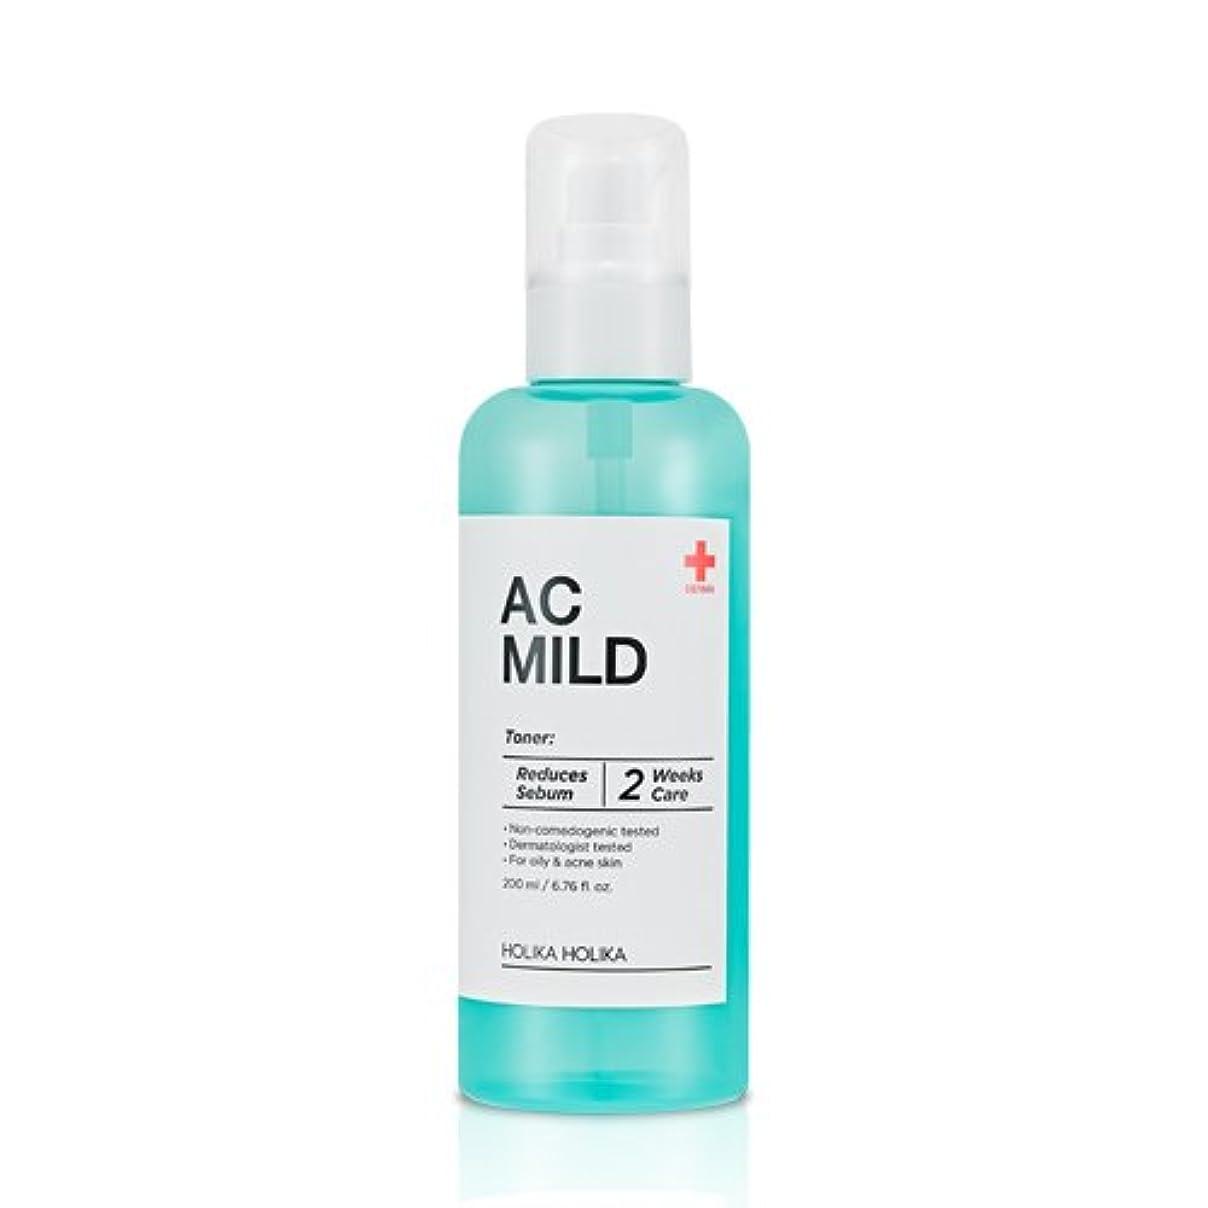 世紀マッシュ偉業ホリカホリカ ACマイルドスキントナー/HolikaHolika AC Mild Skin Toner 200ml?化粧水 [並行輸入品]